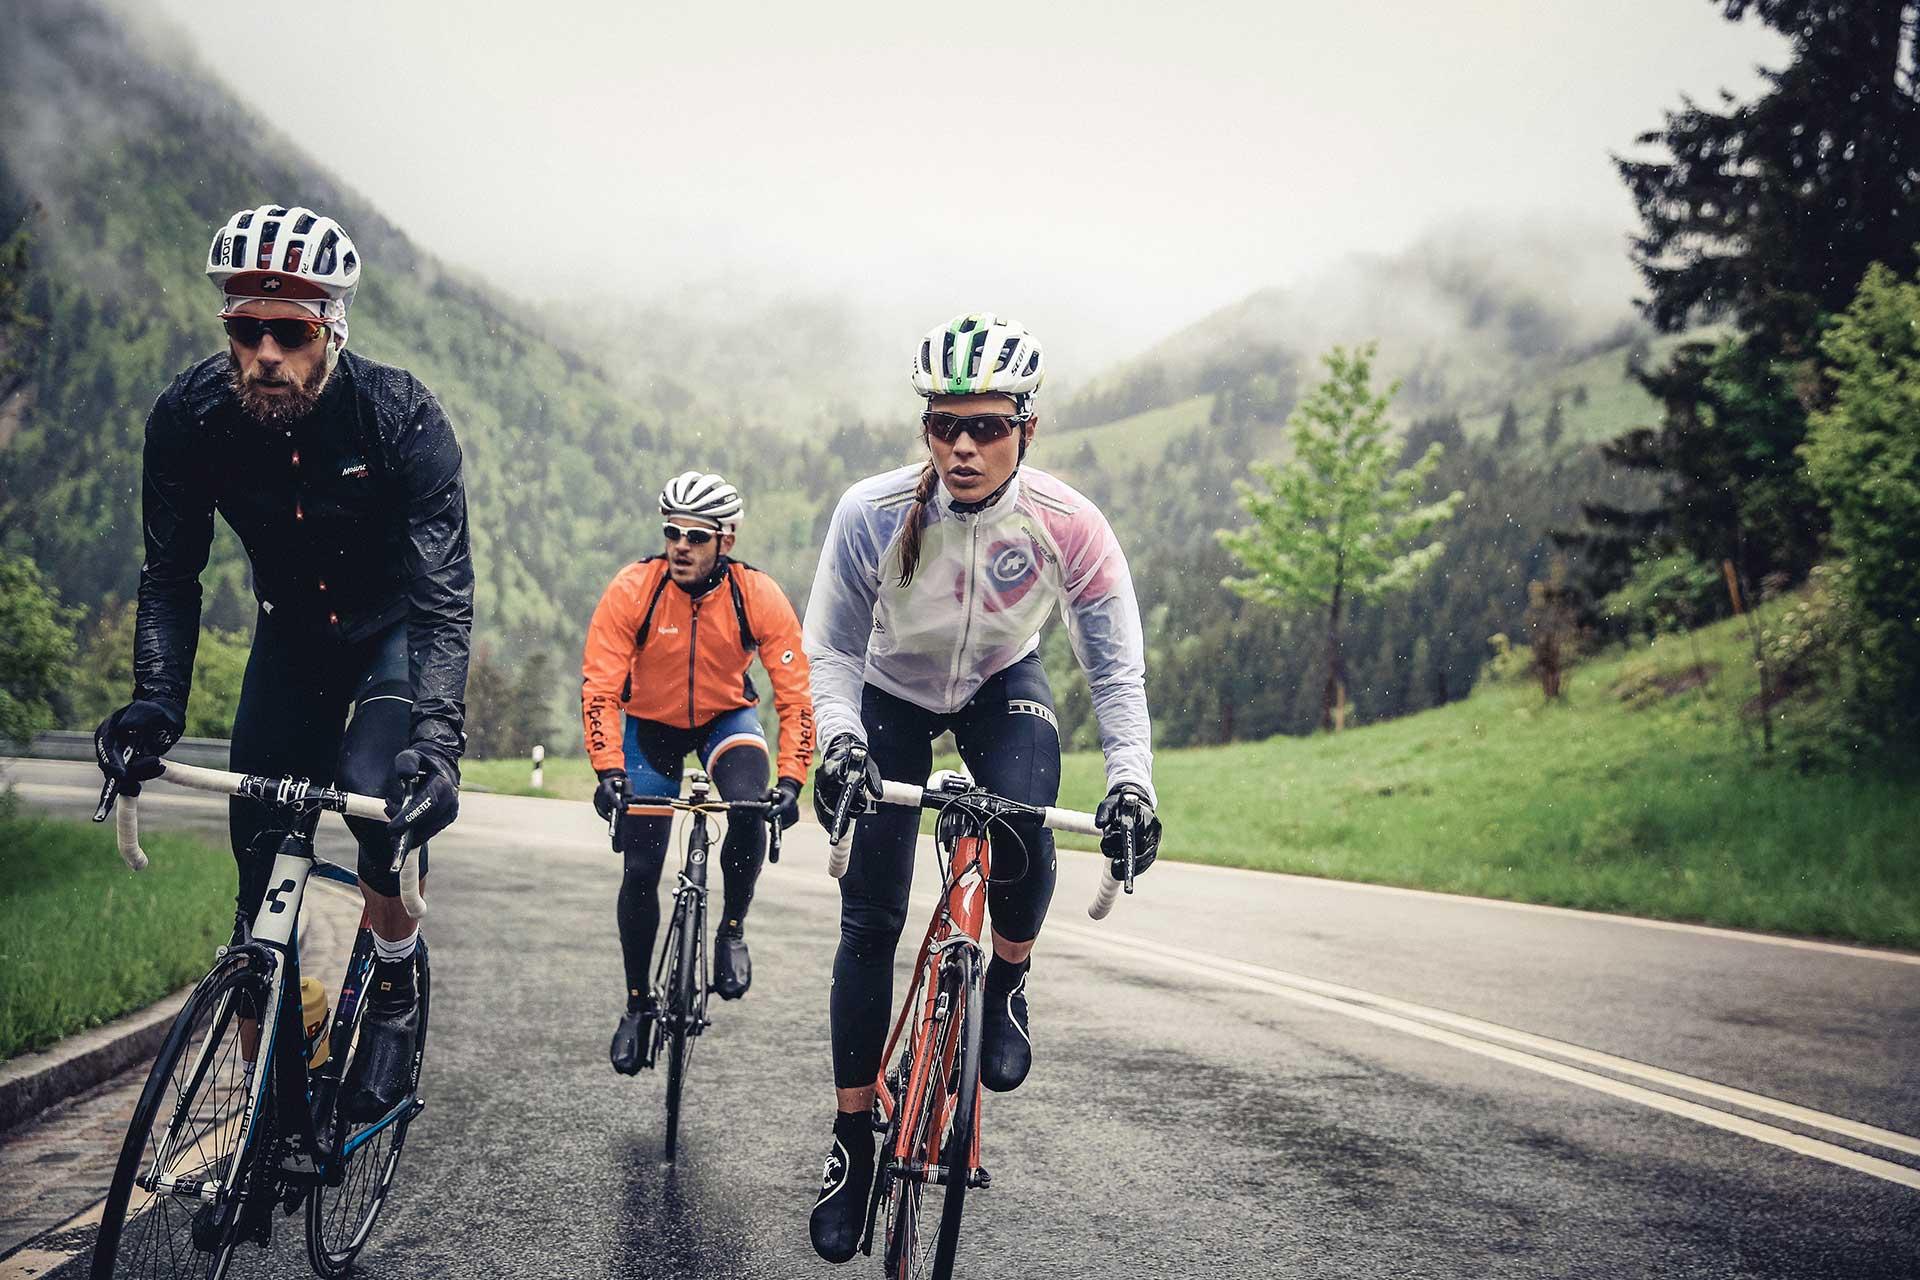 Regen Rennrad Tour Team Maloja Fotograf Düsseldorf Deutschland Michael Müller